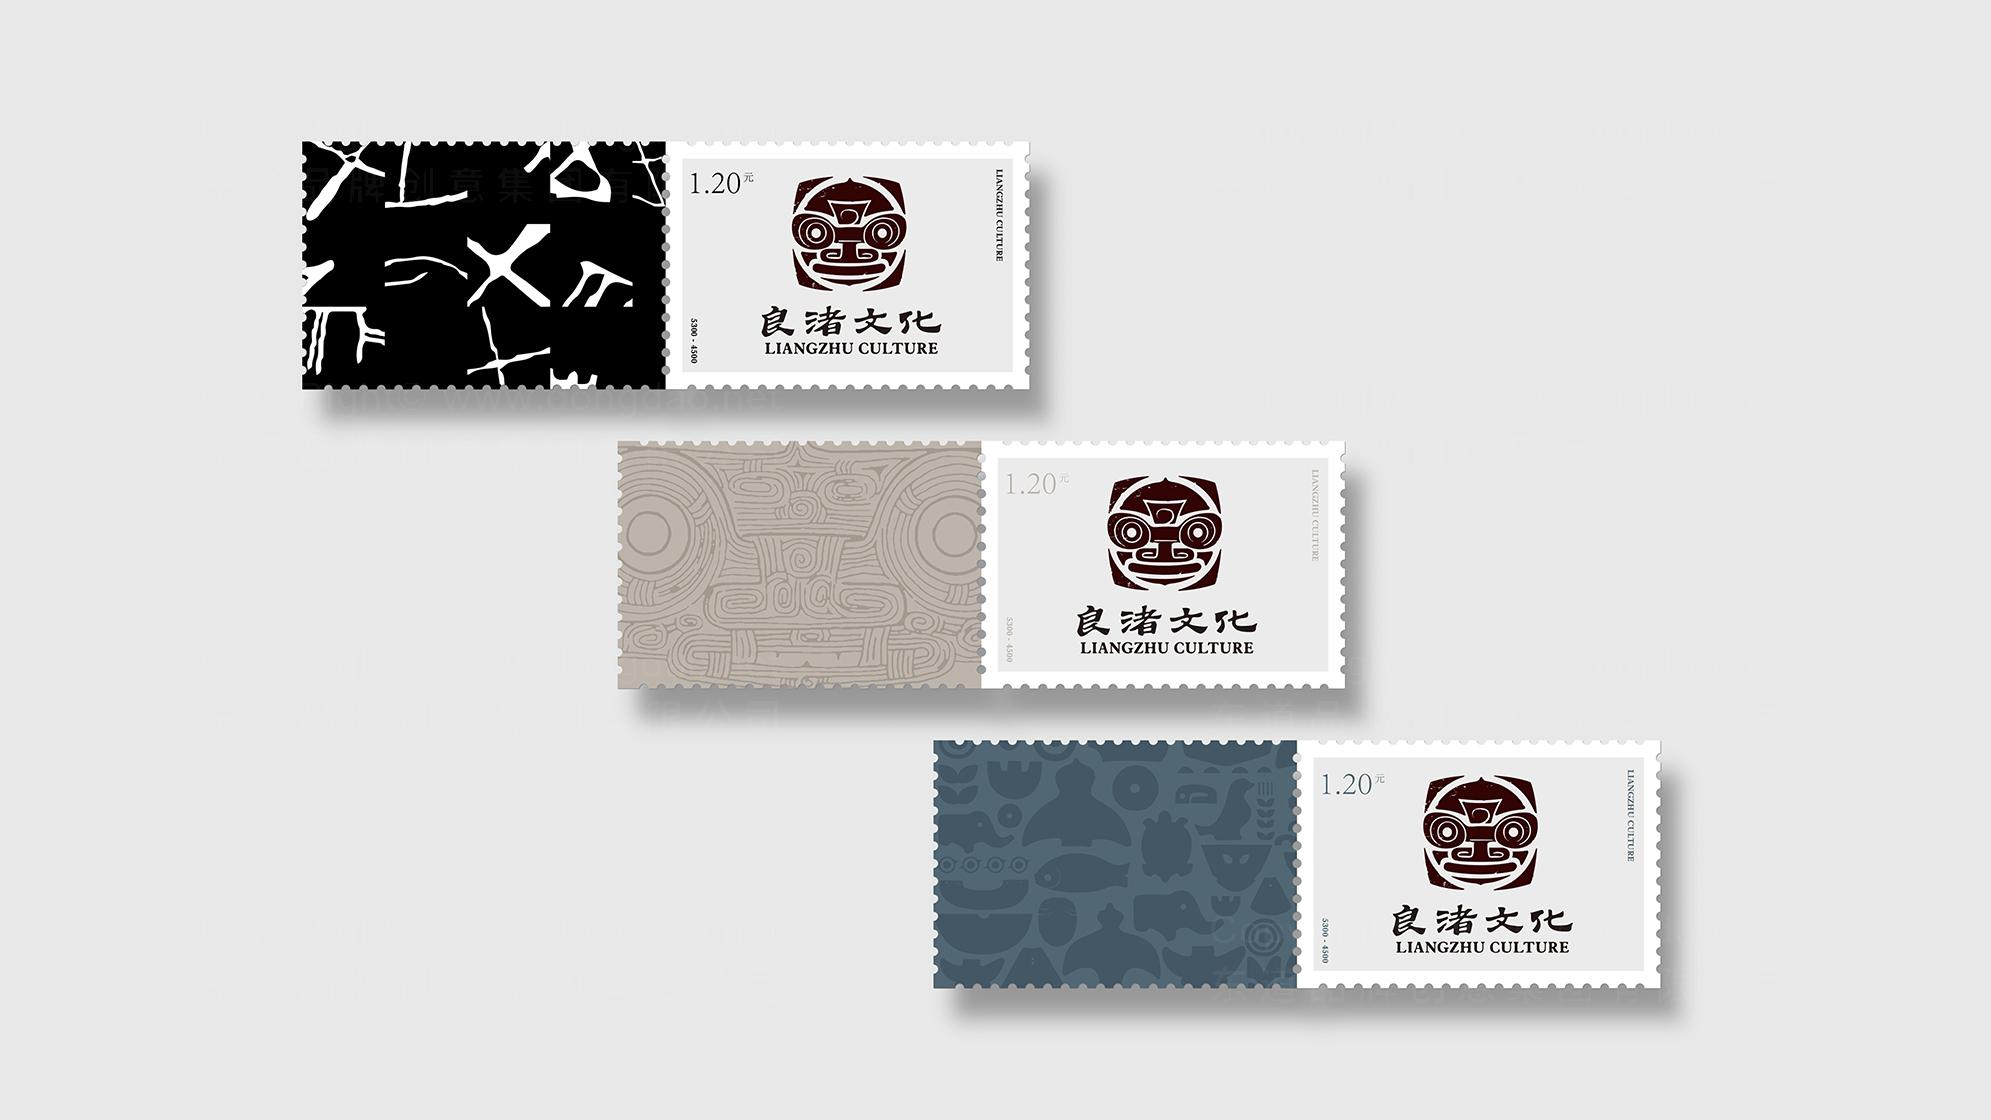 品牌设计良渚文化LOGO&VI设计应用场景_4